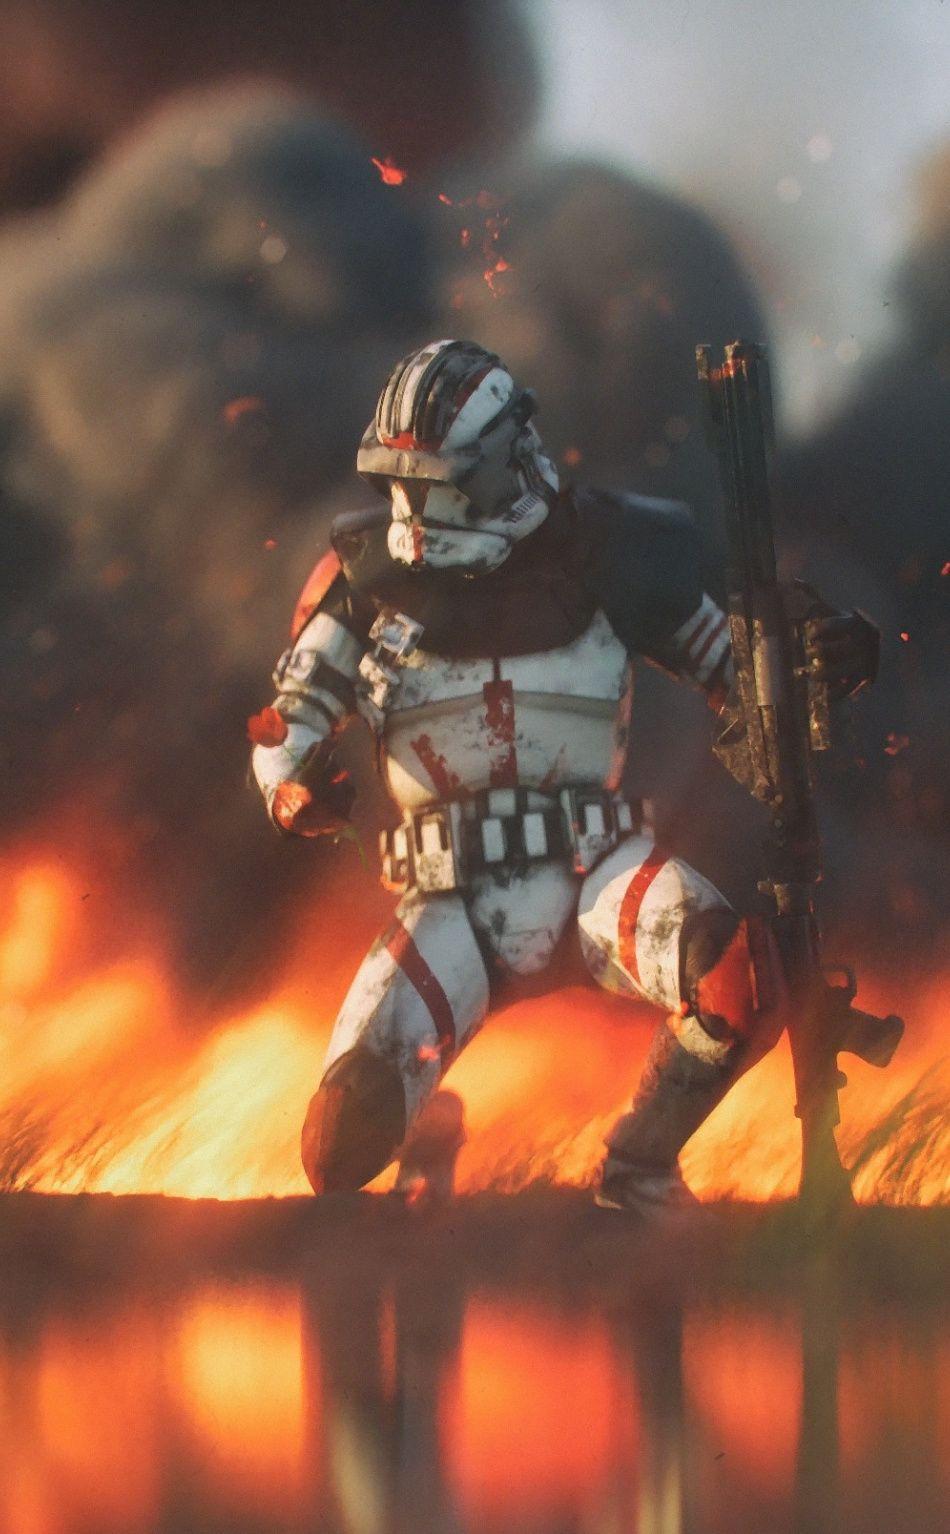 Clone trooper, Star Wars, fire, 950x1534 wallpaper Star